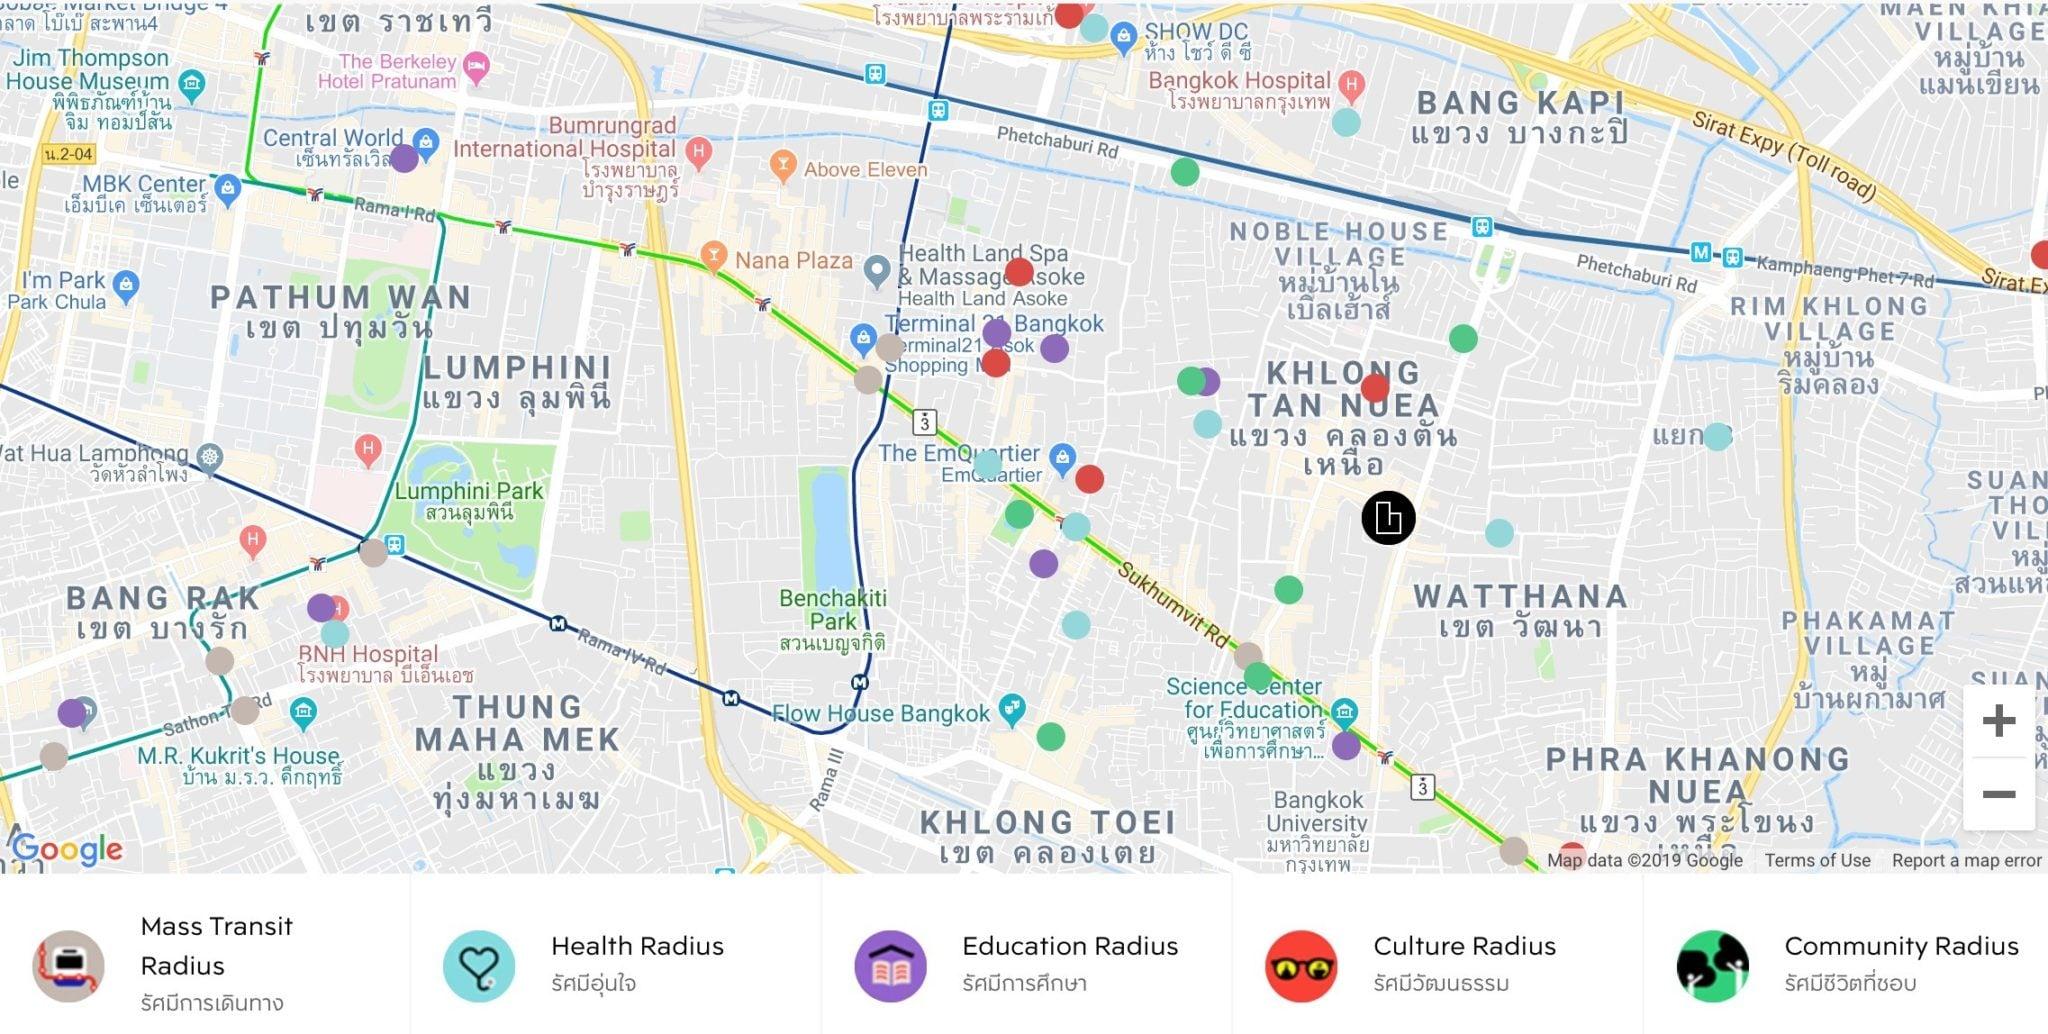 rhythm-ekkamai-estate-google-map